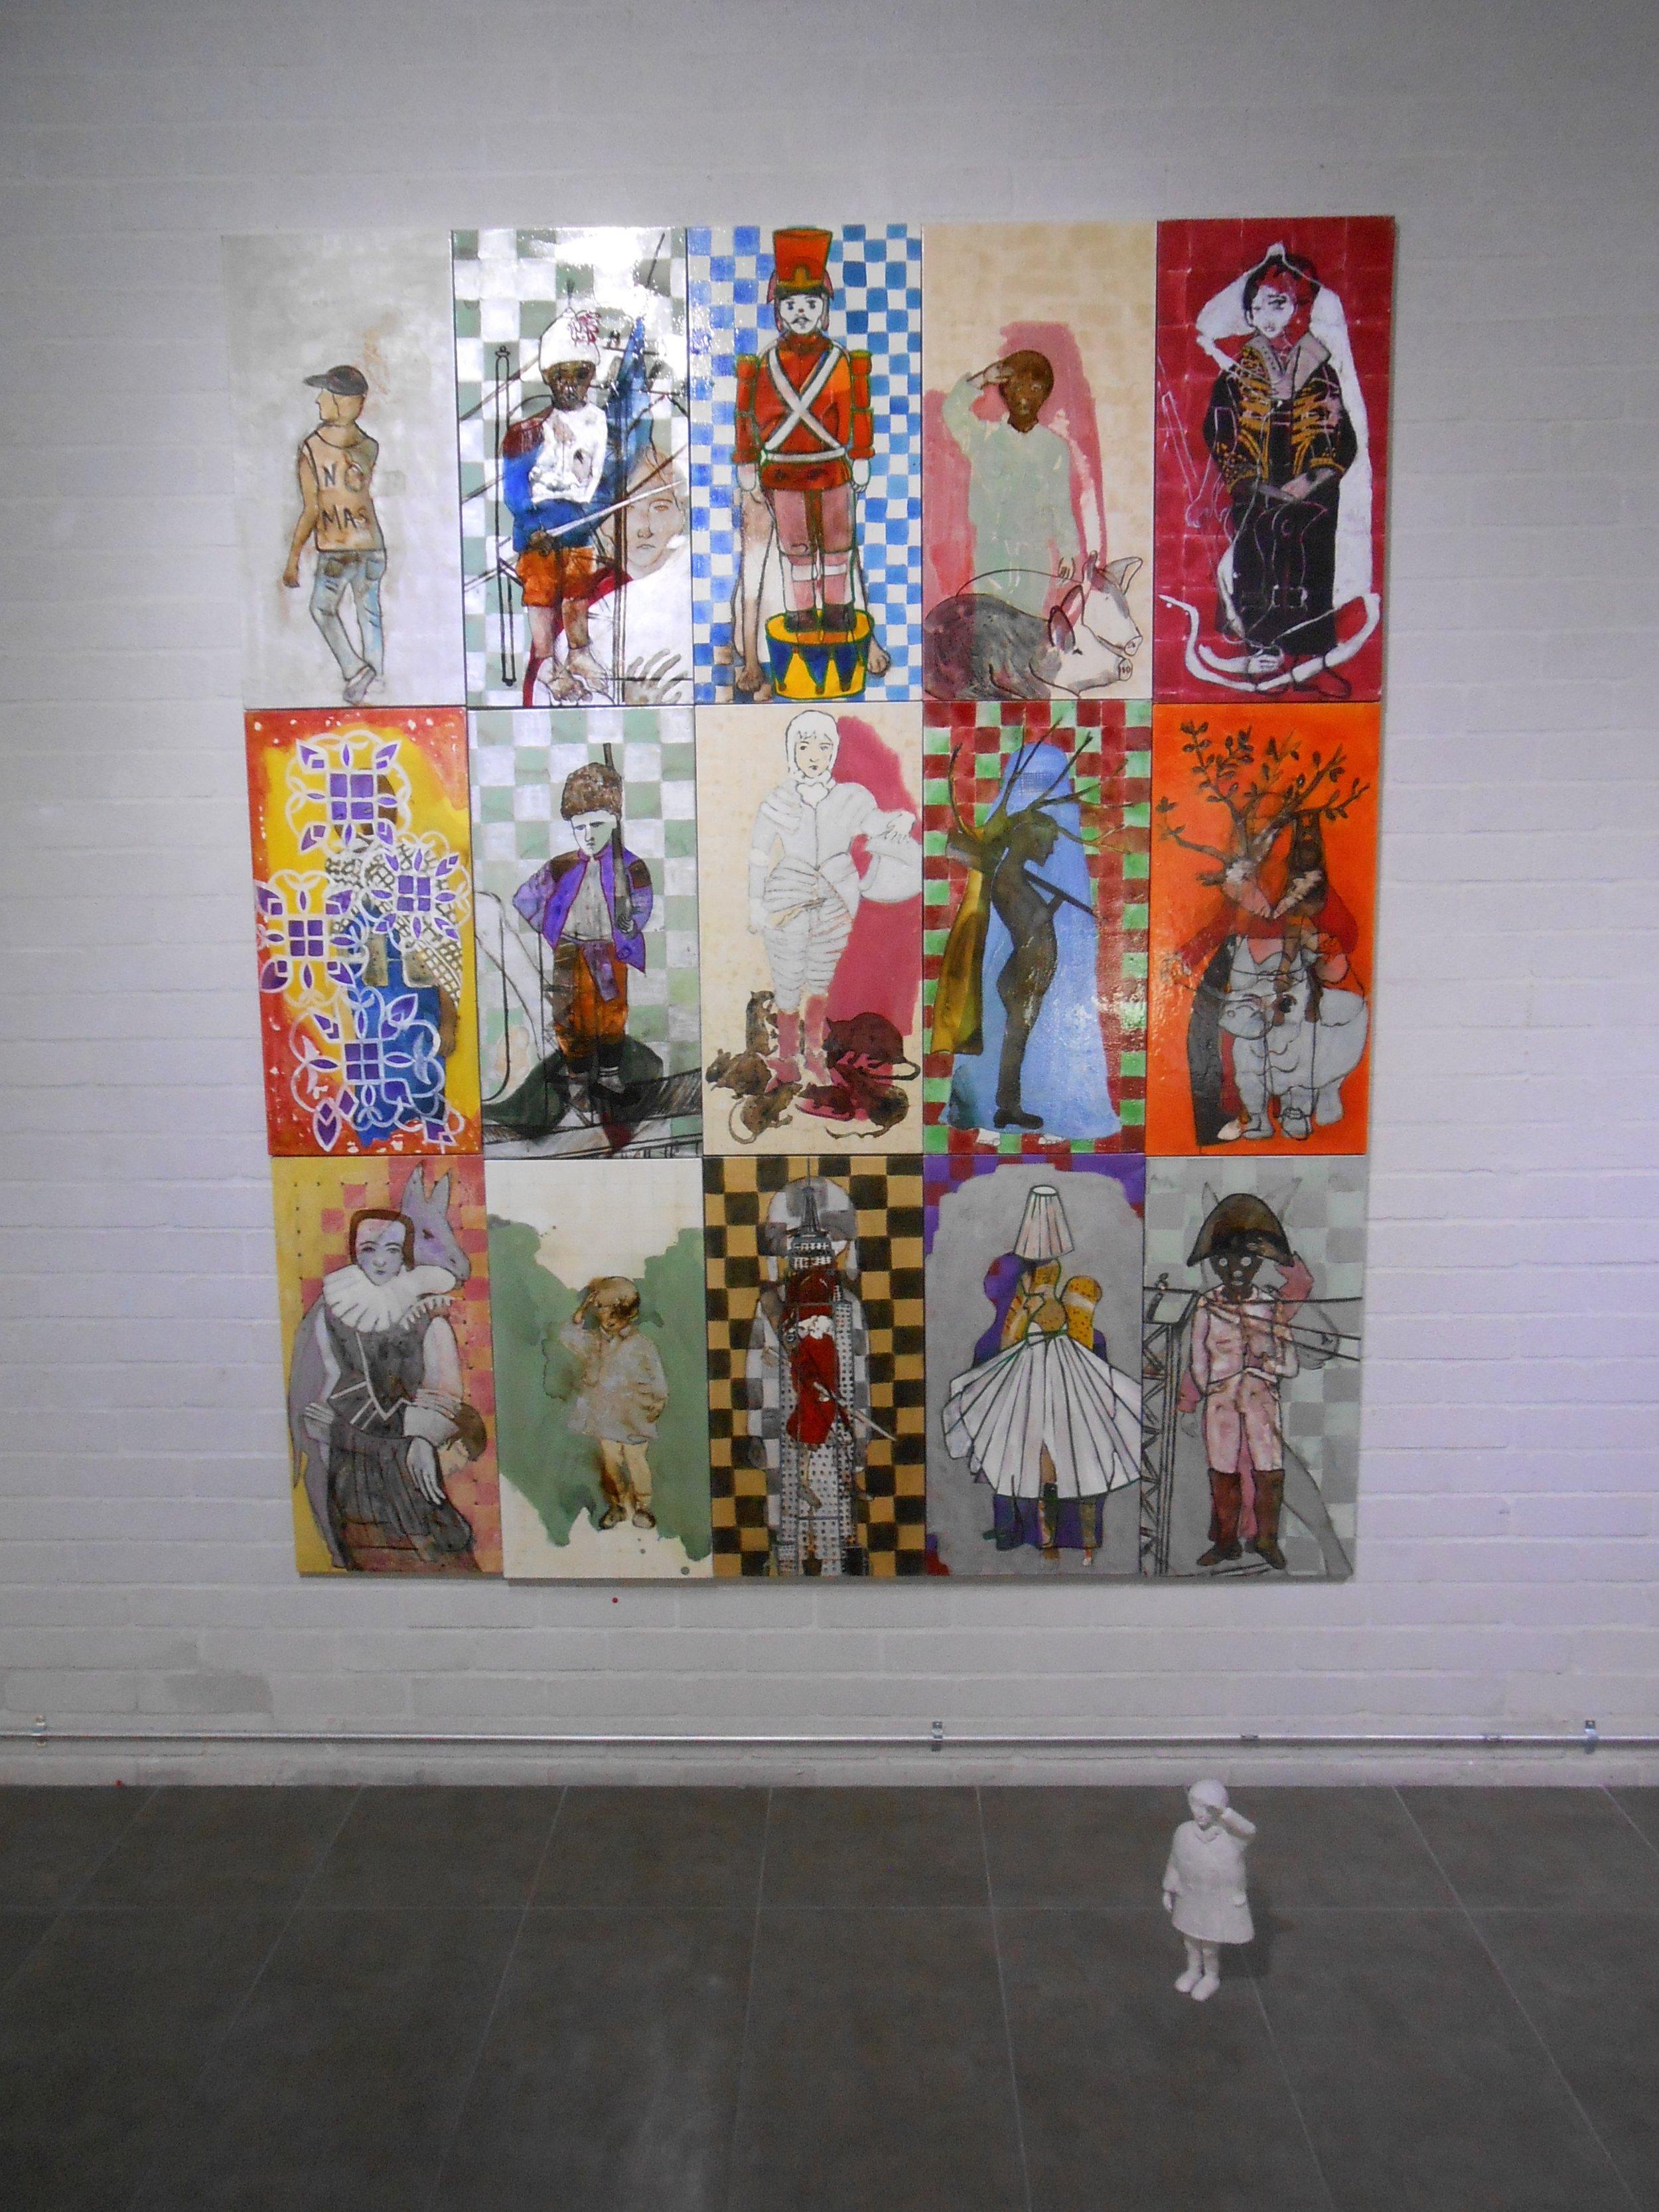 Proyecto Molina Galeria & Jose Amar / 2014 / Medellin